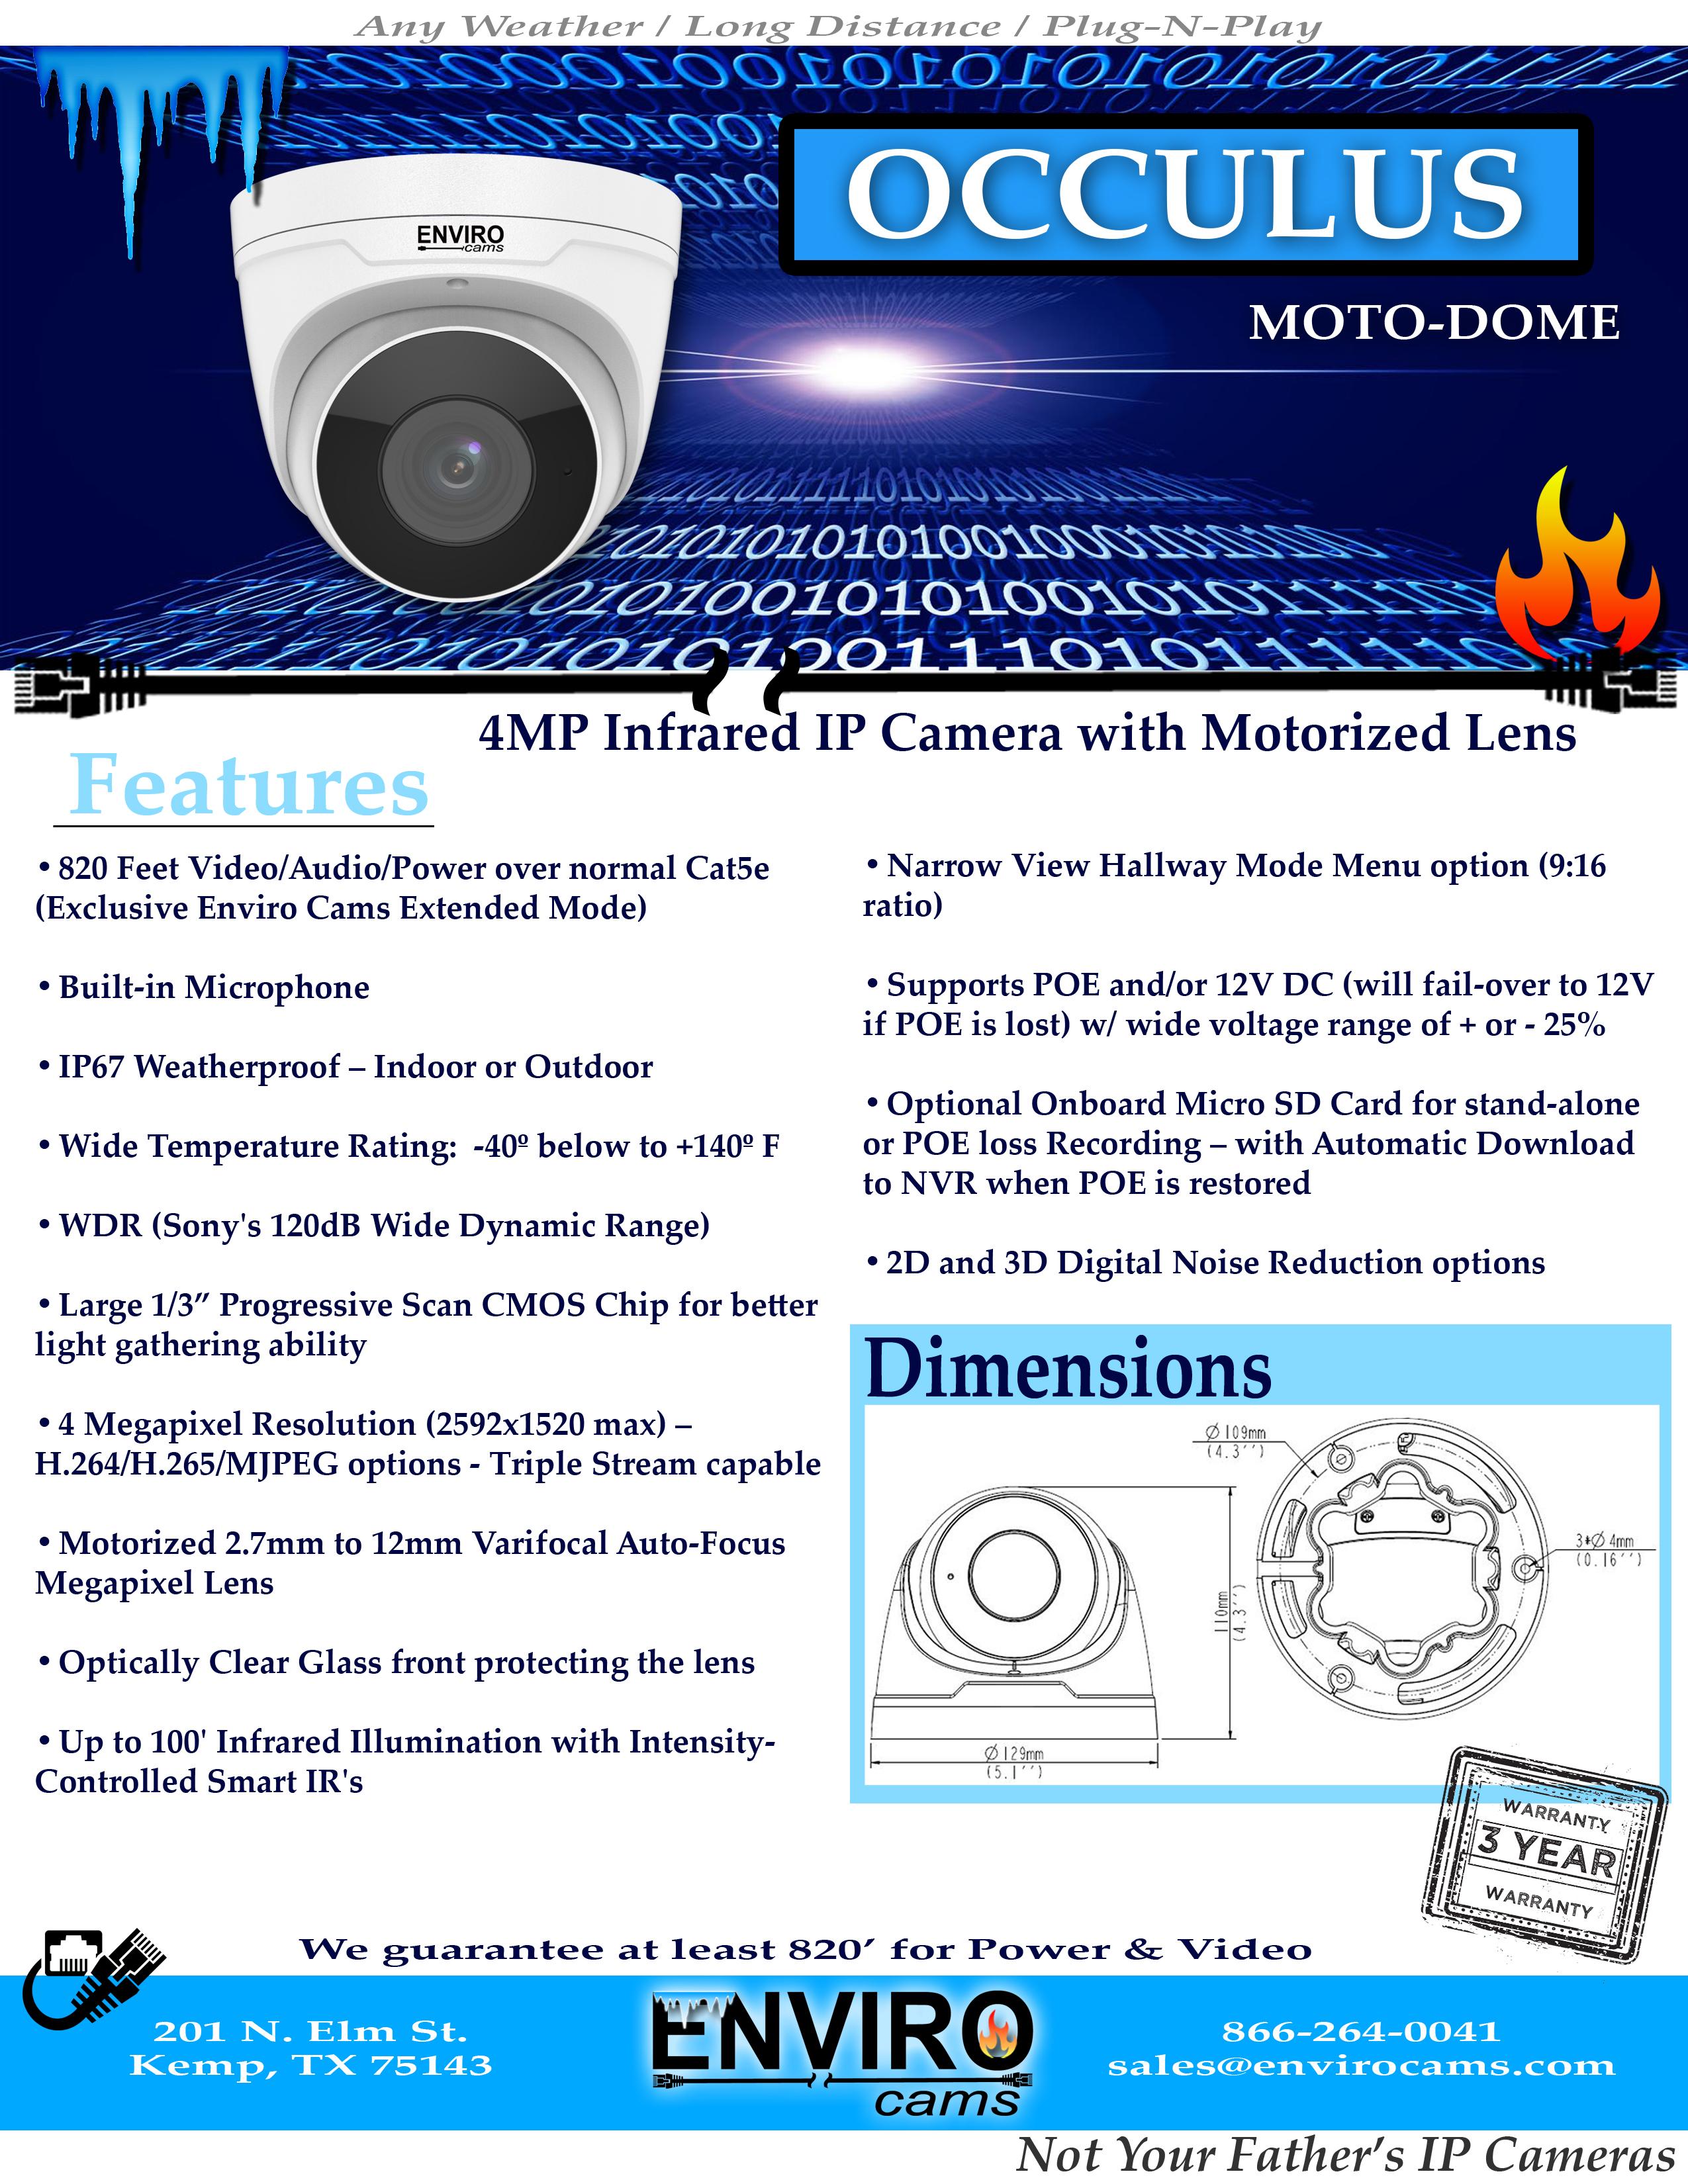 OcculusSpecs1 - IP Camera Occulus Moto Dome